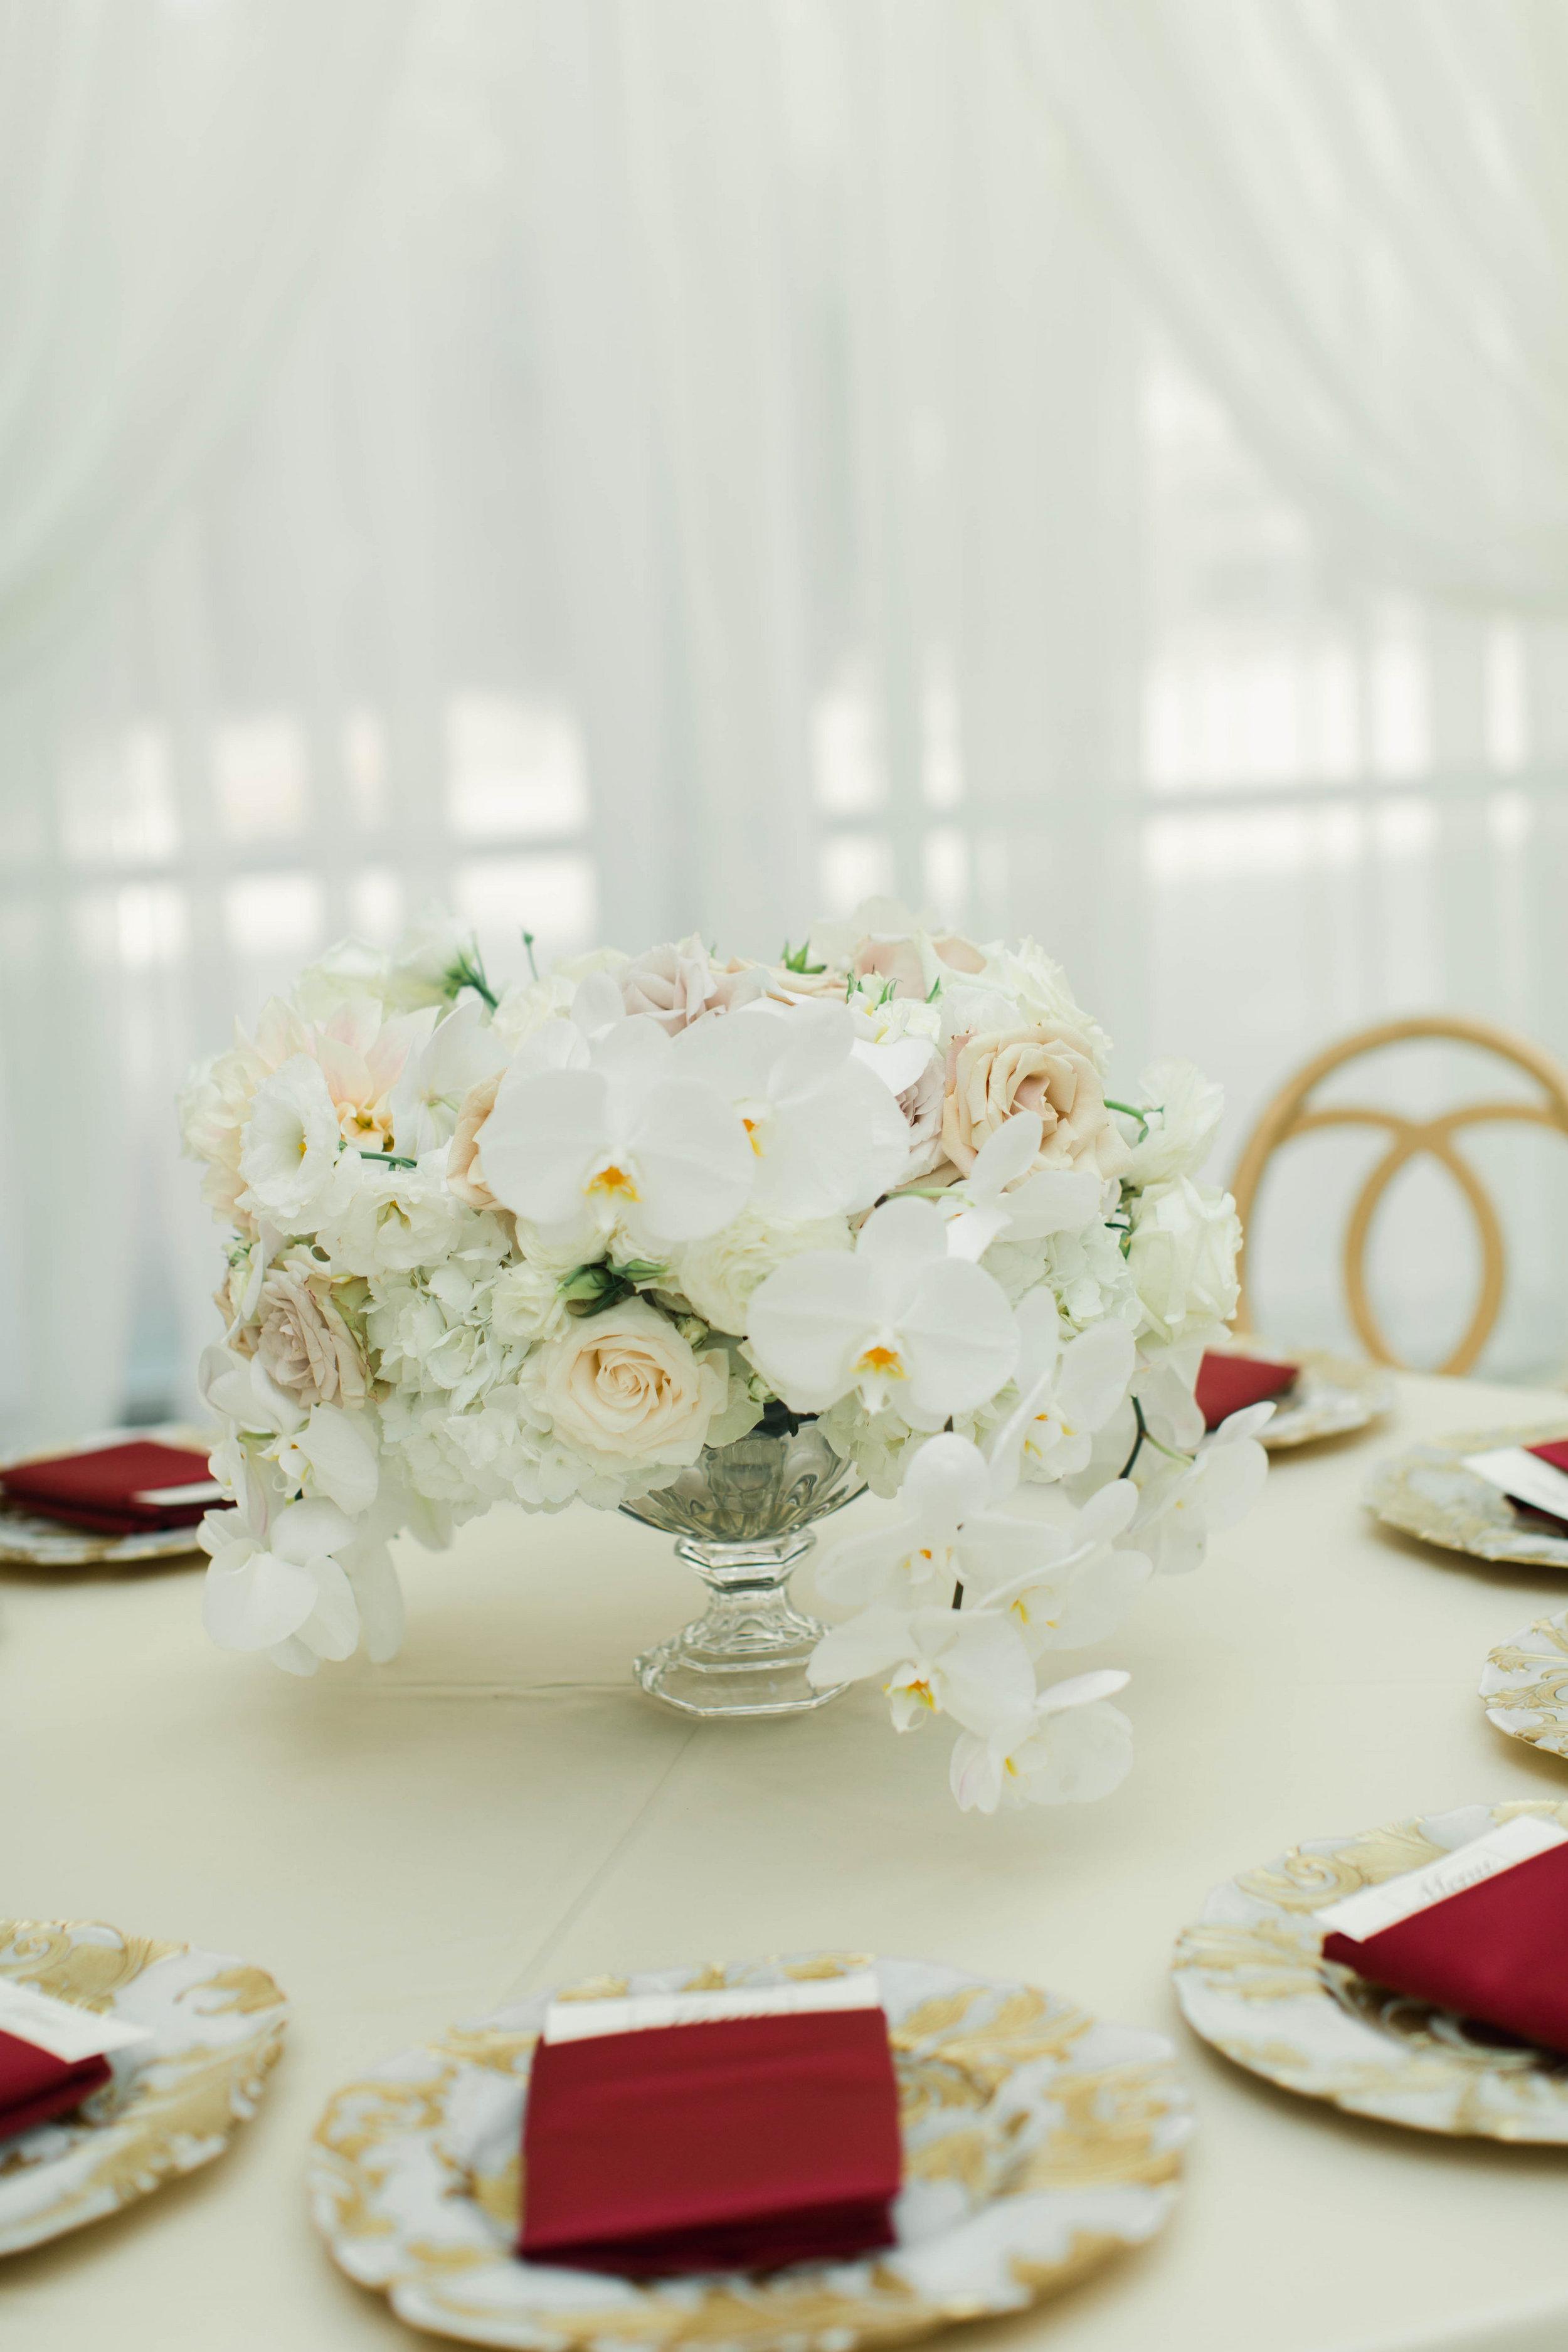 Vo Floral Design_SF Bay Area Florist_San Jose florist_CityHa-0005.jpg